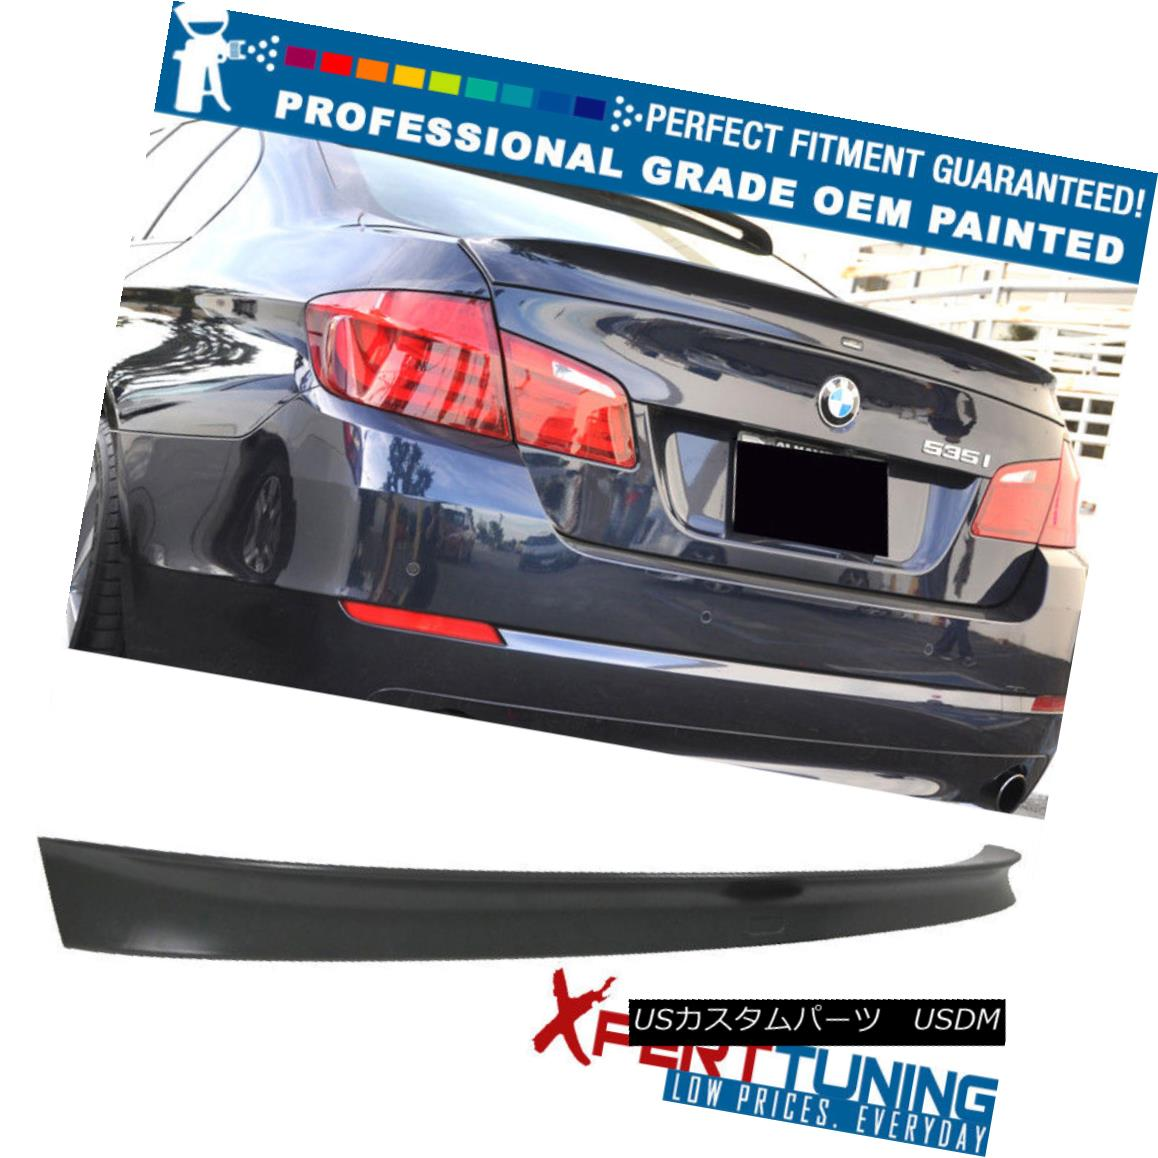 エアロパーツ 11-16 BMW 5 Series F10 4Dr AC Style Painted Trunk Spoiler - OEM Painted Color 11-16 BMW 5シリーズF10 4Dr ACスタイル塗装トランク・スポイラー - OEM塗装カラー